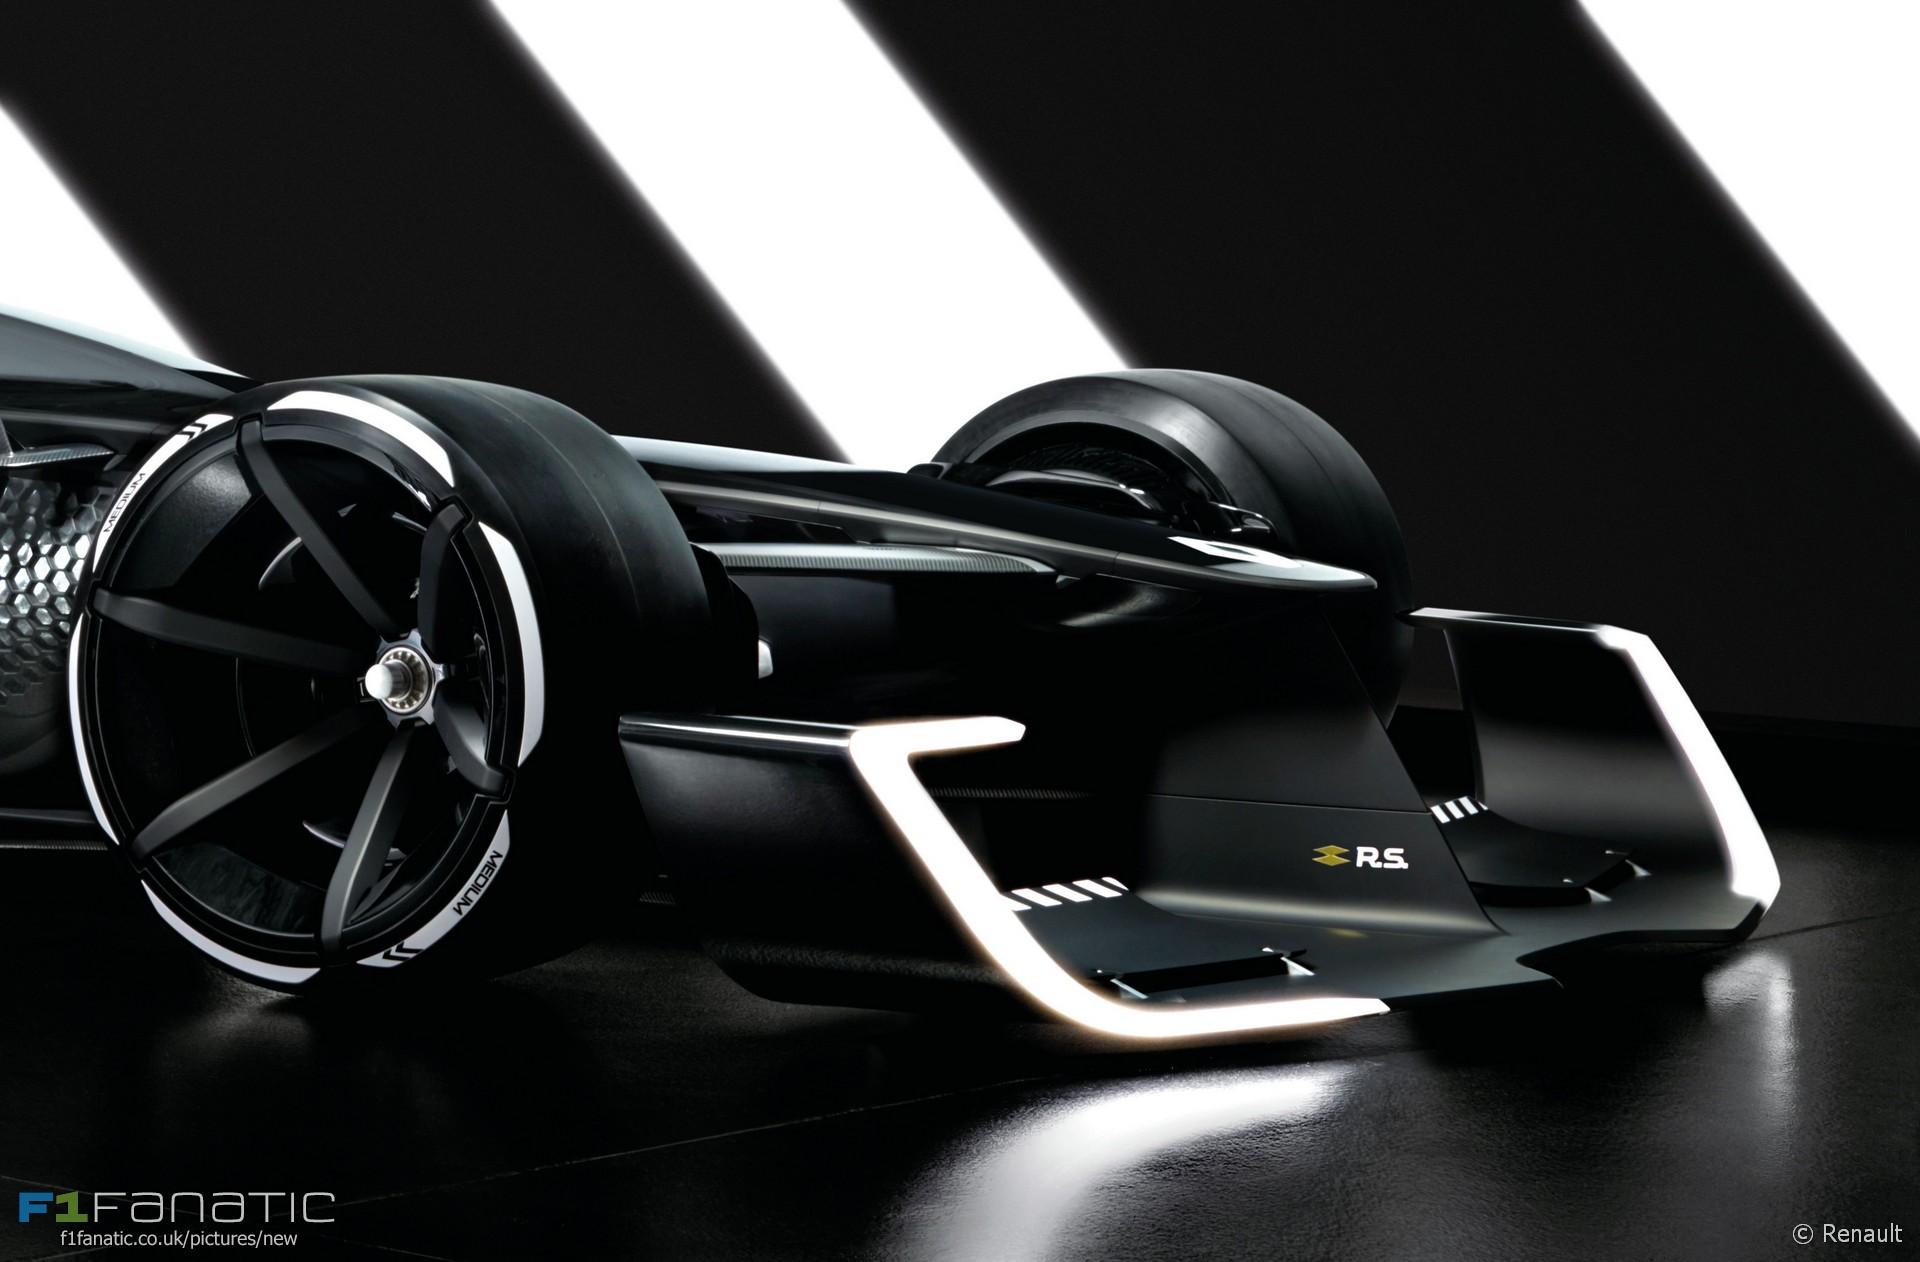 renault reveals 1,300bhp f1 concept car for 2027 · f1 fanatic